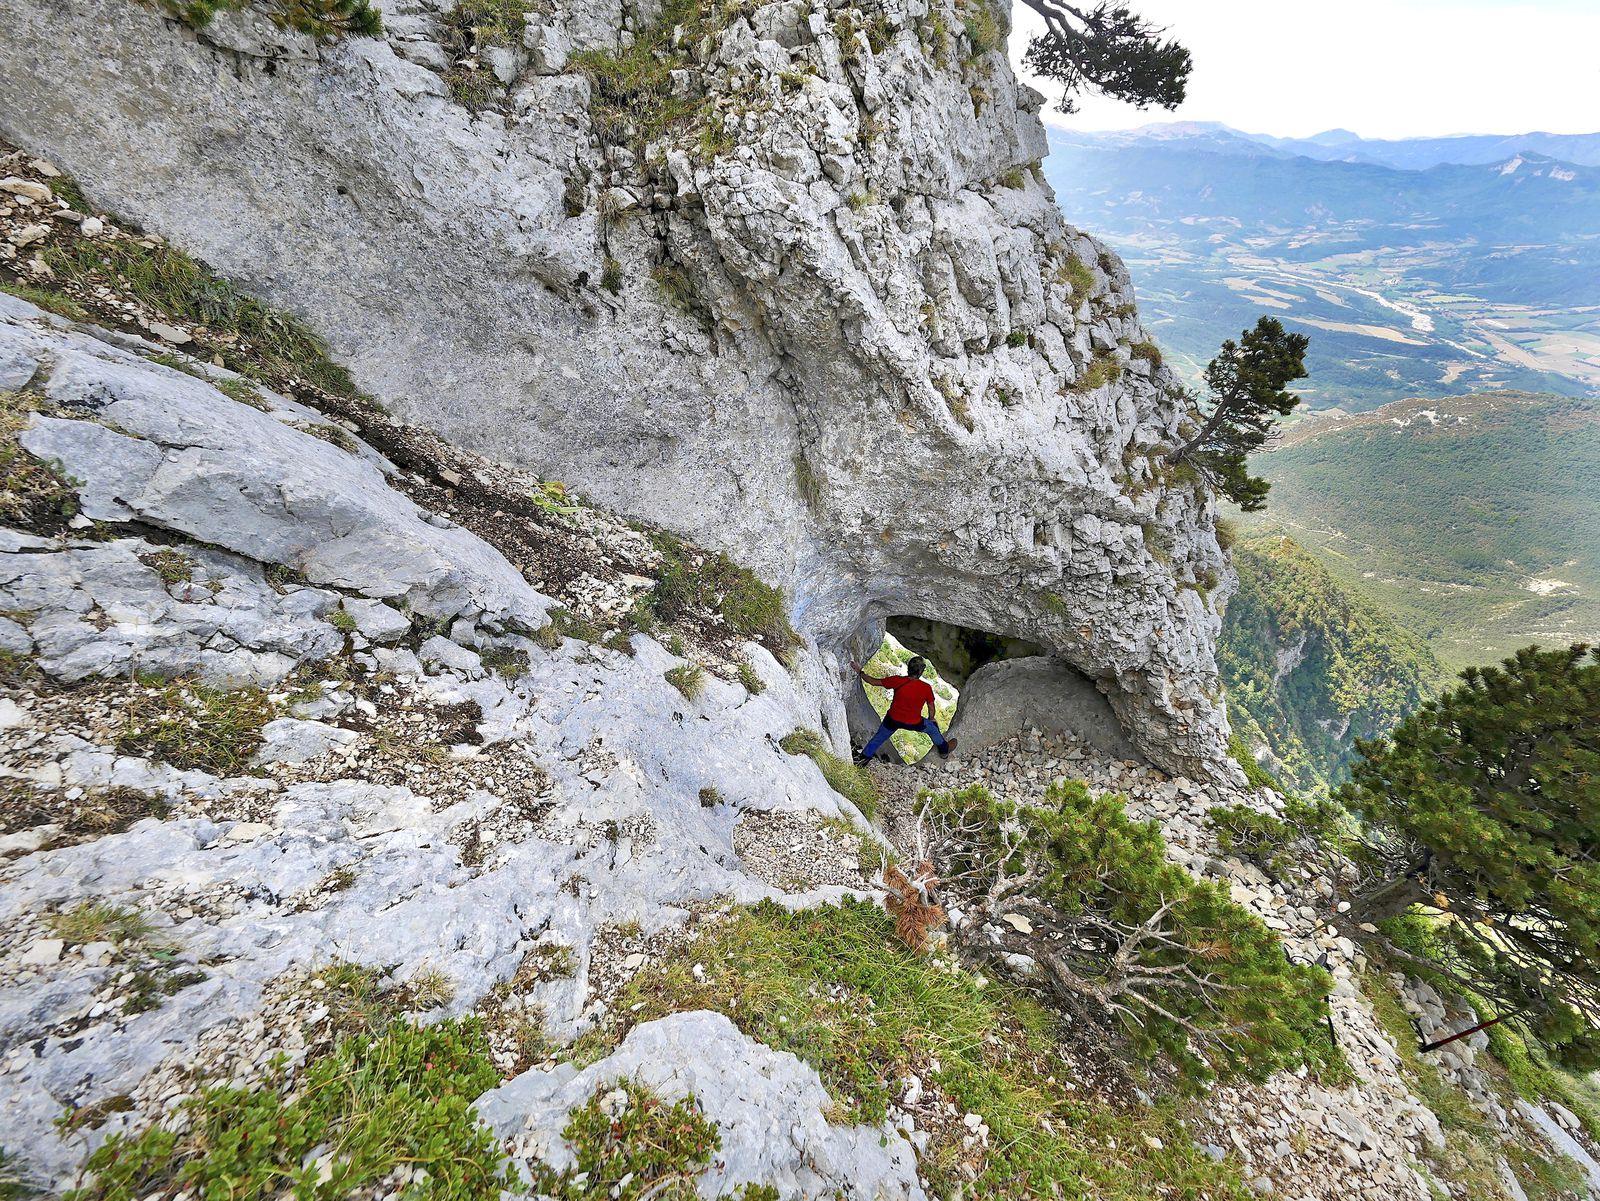 Au bas du pierrier, arrivée dans le puits qui crève le plafond de la Baume Rouge (photo L. Jacquet).